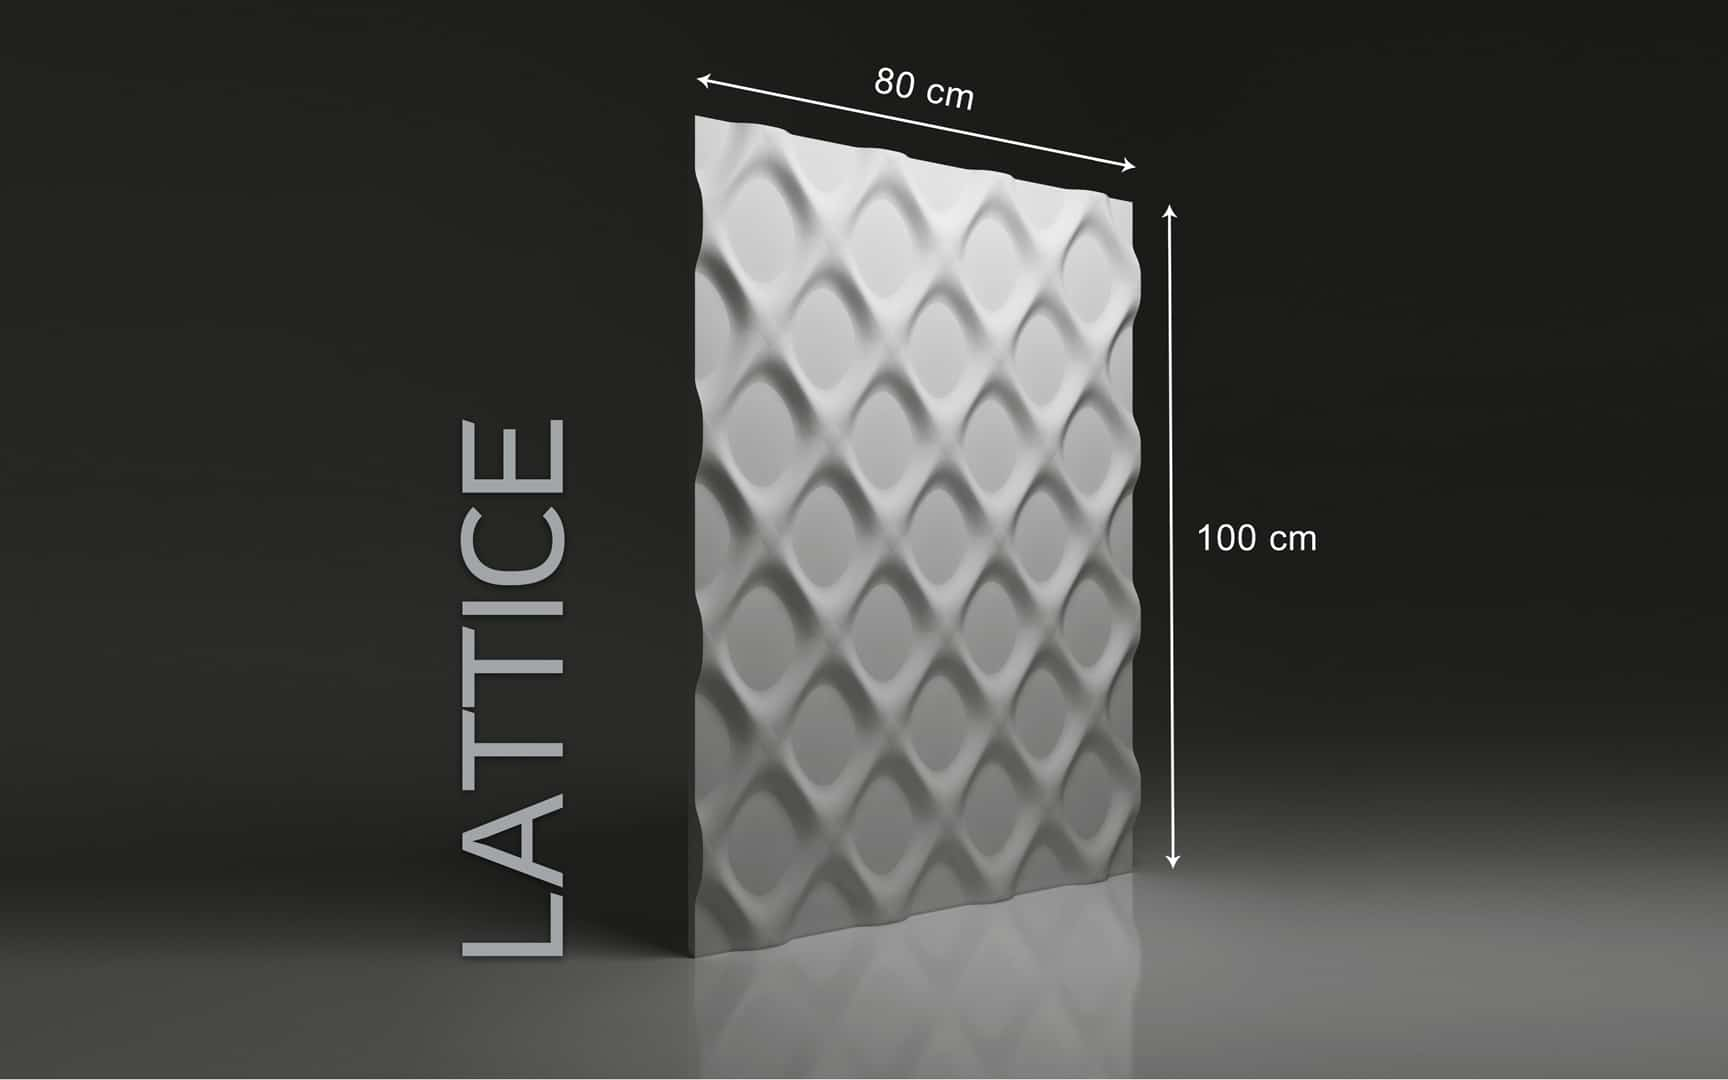 LATTICE DIMENSIONS : hauteur 100 x largeur 80 cm ÉPAISSEUR : de 1,5 cm à 3,0 cm  POIDS : environ 12 kg